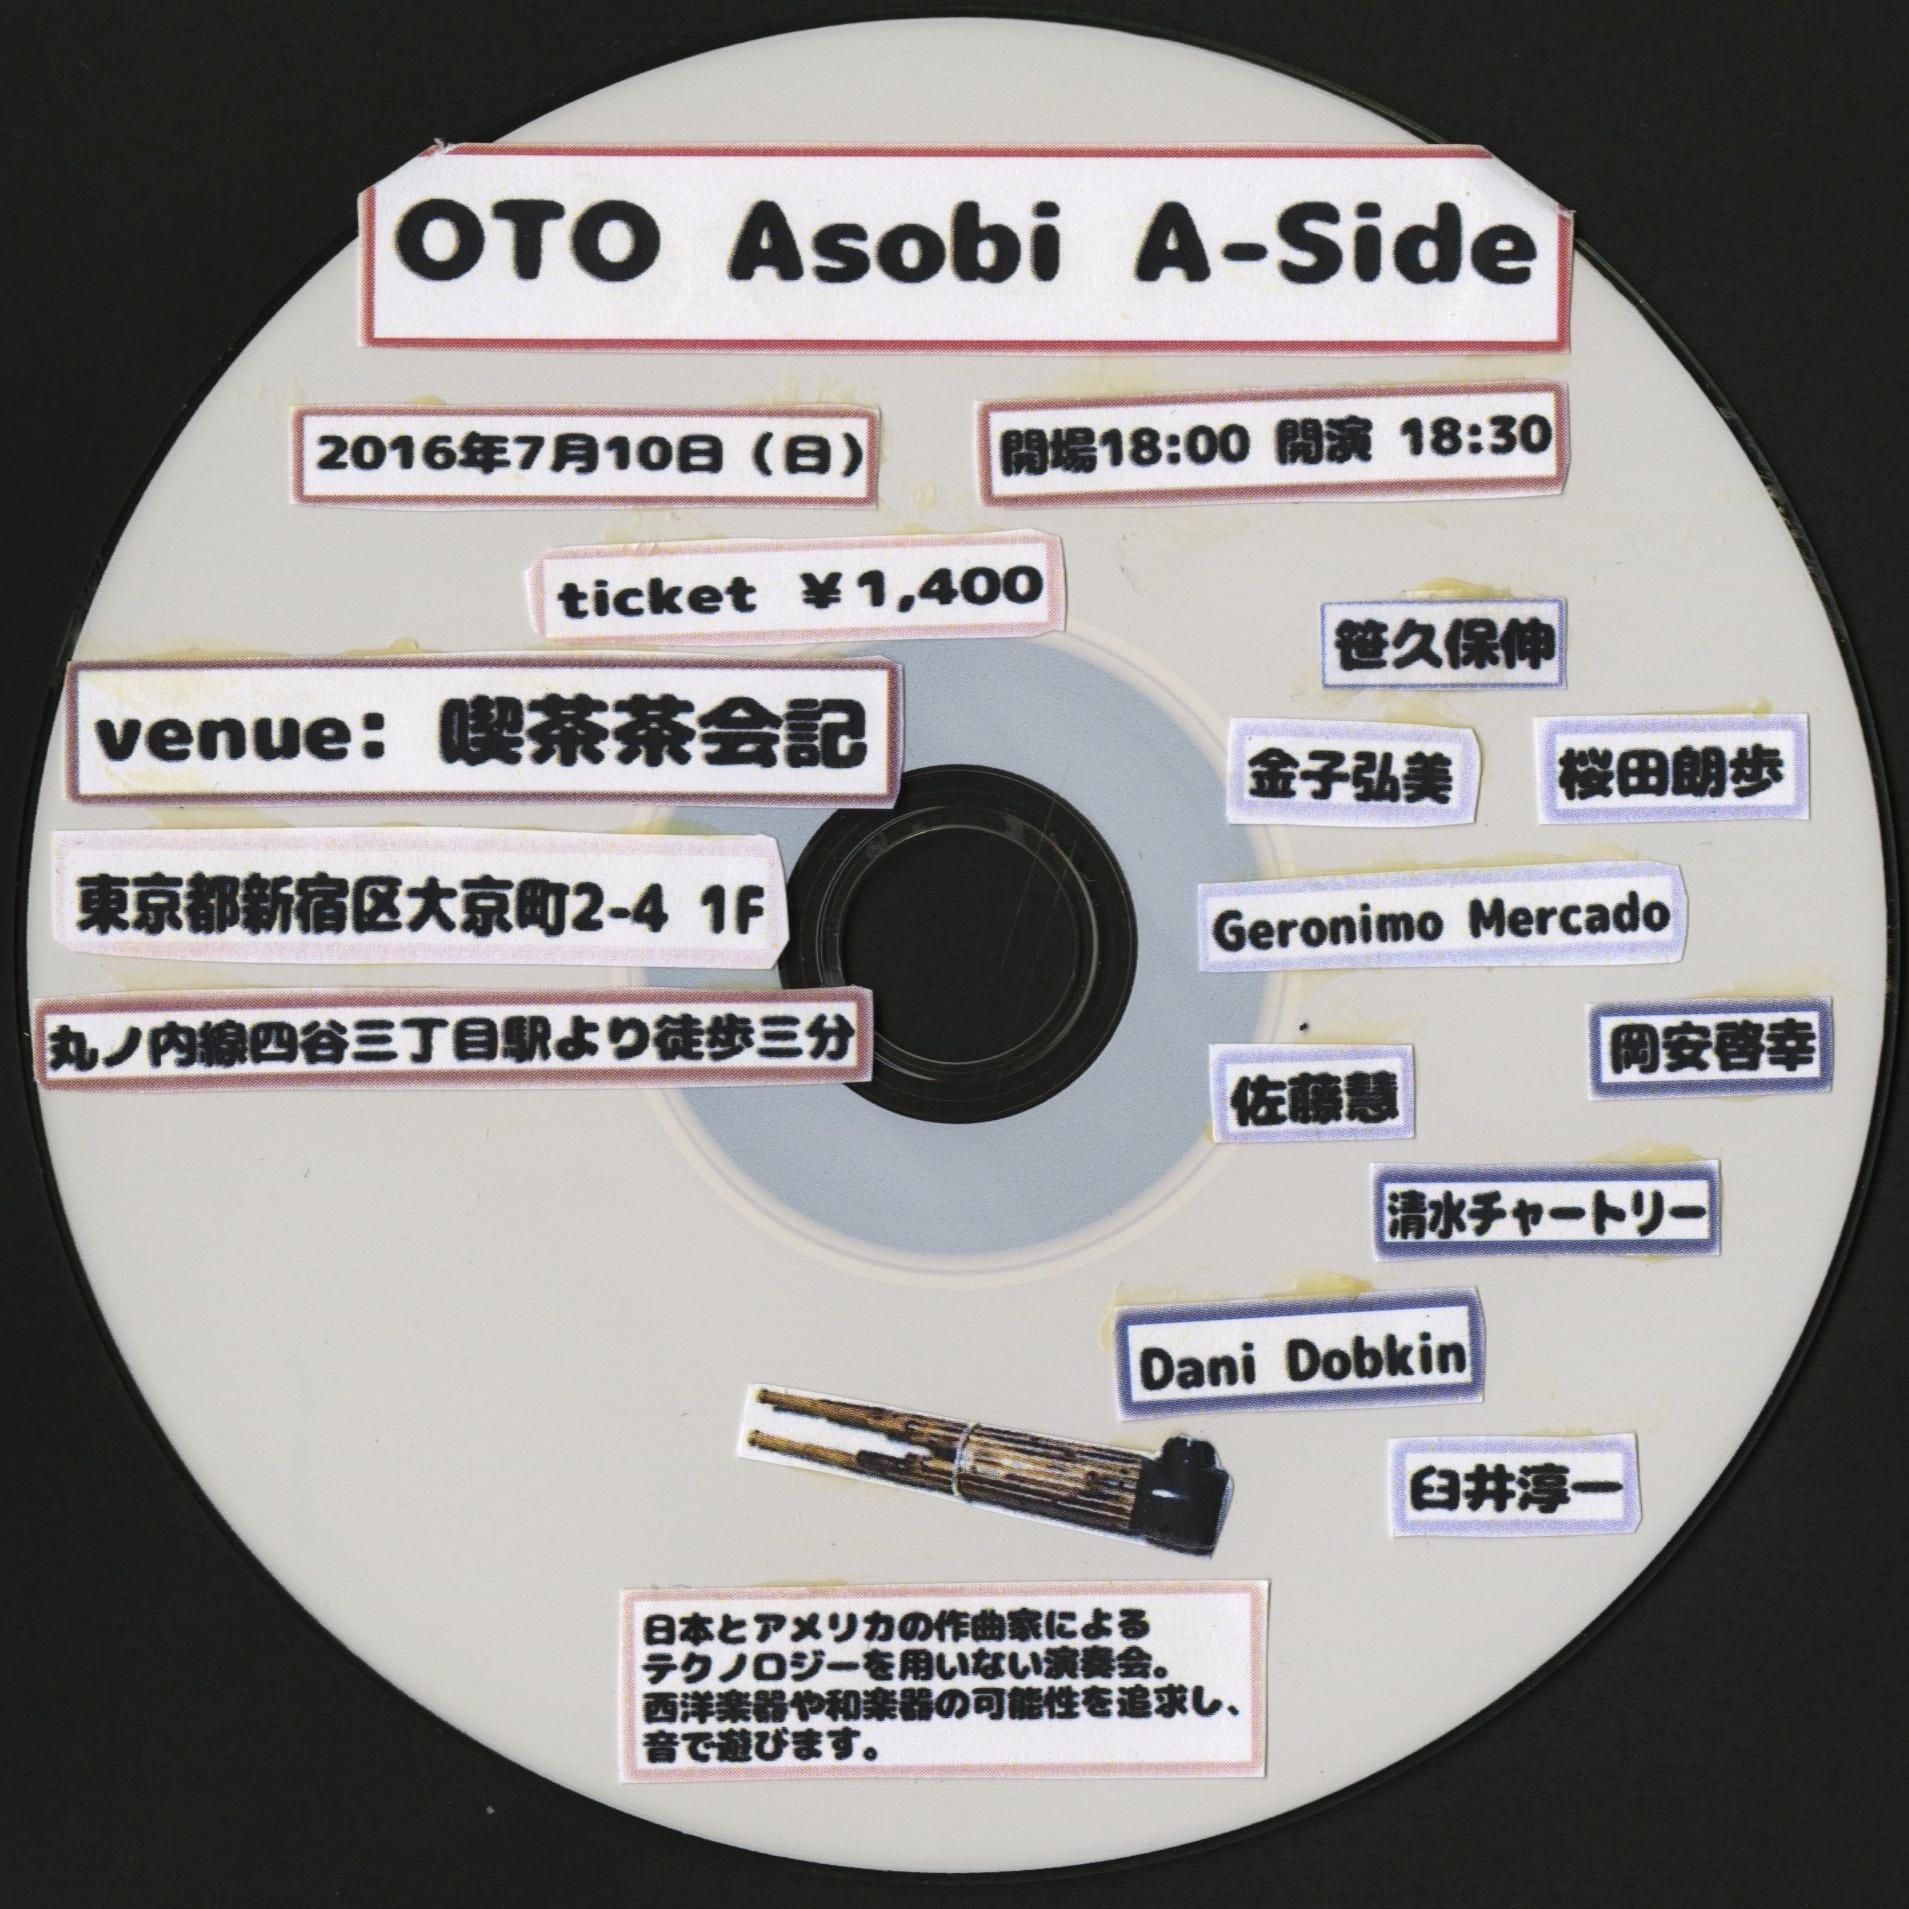 otoasobi-a